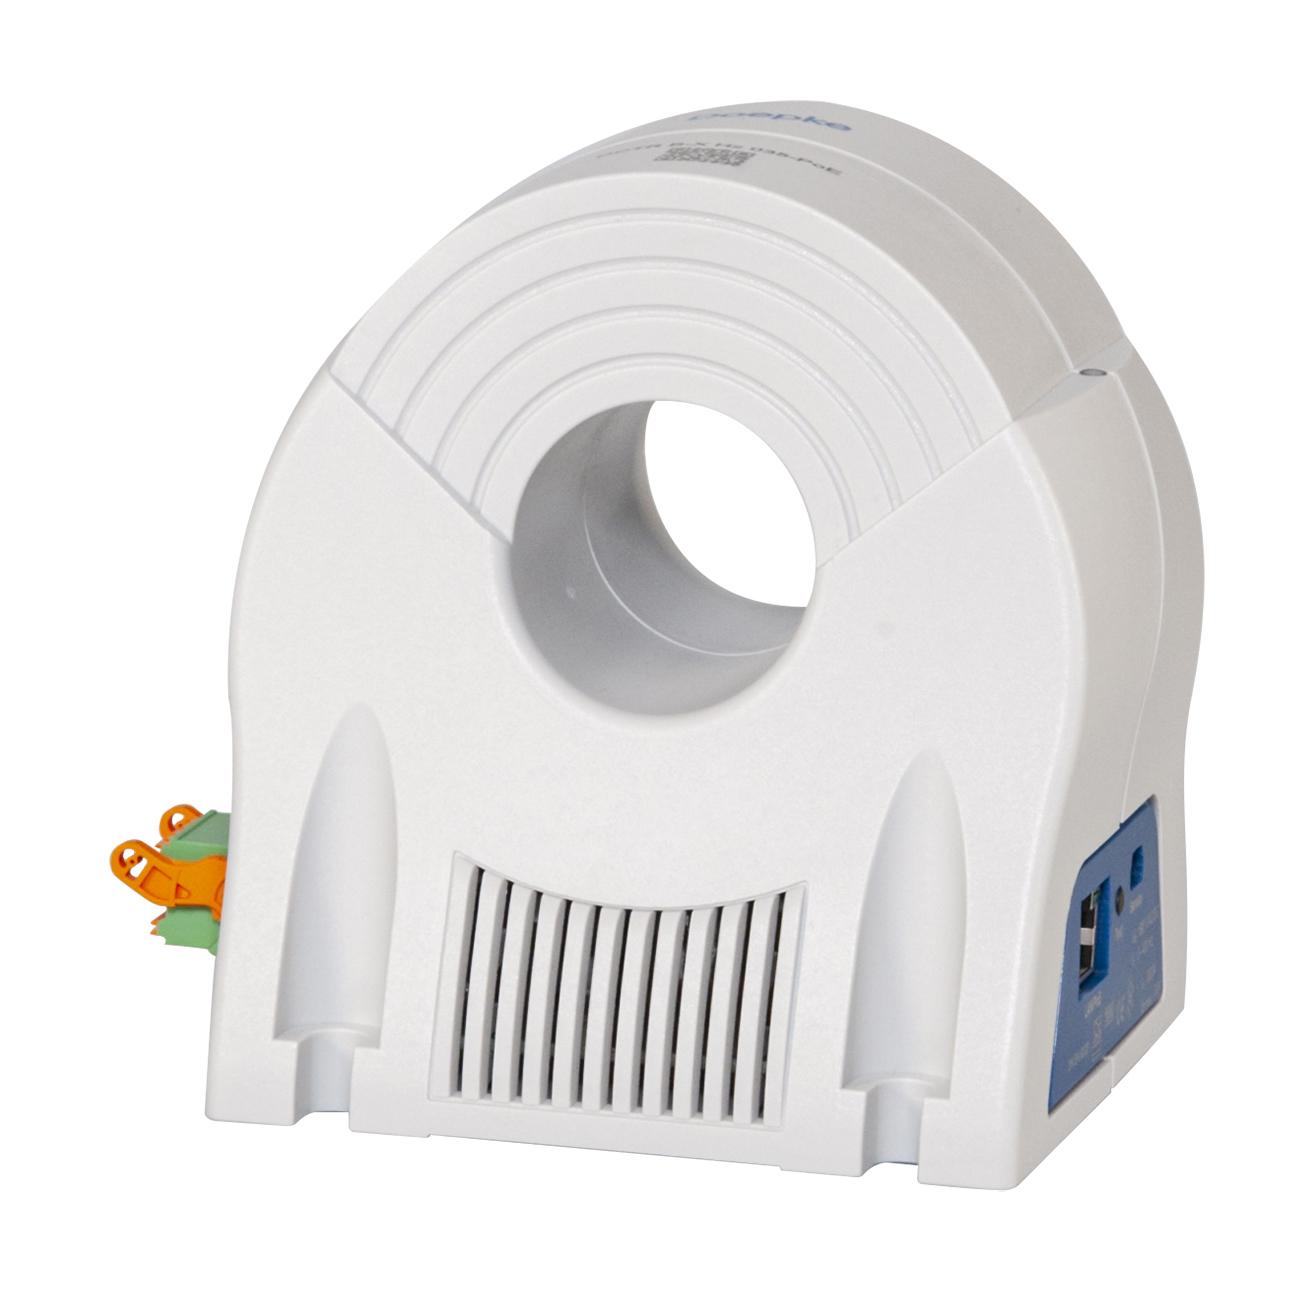 Der smarte Differenzstromwandler DCTR mit PoE-Schnittstelle vereinbart Brand- und Anlagenschutz durch Überwachung mit individuell einstellbaren Parametern. (Bild: Doepke Schaltgeräte GmbH)